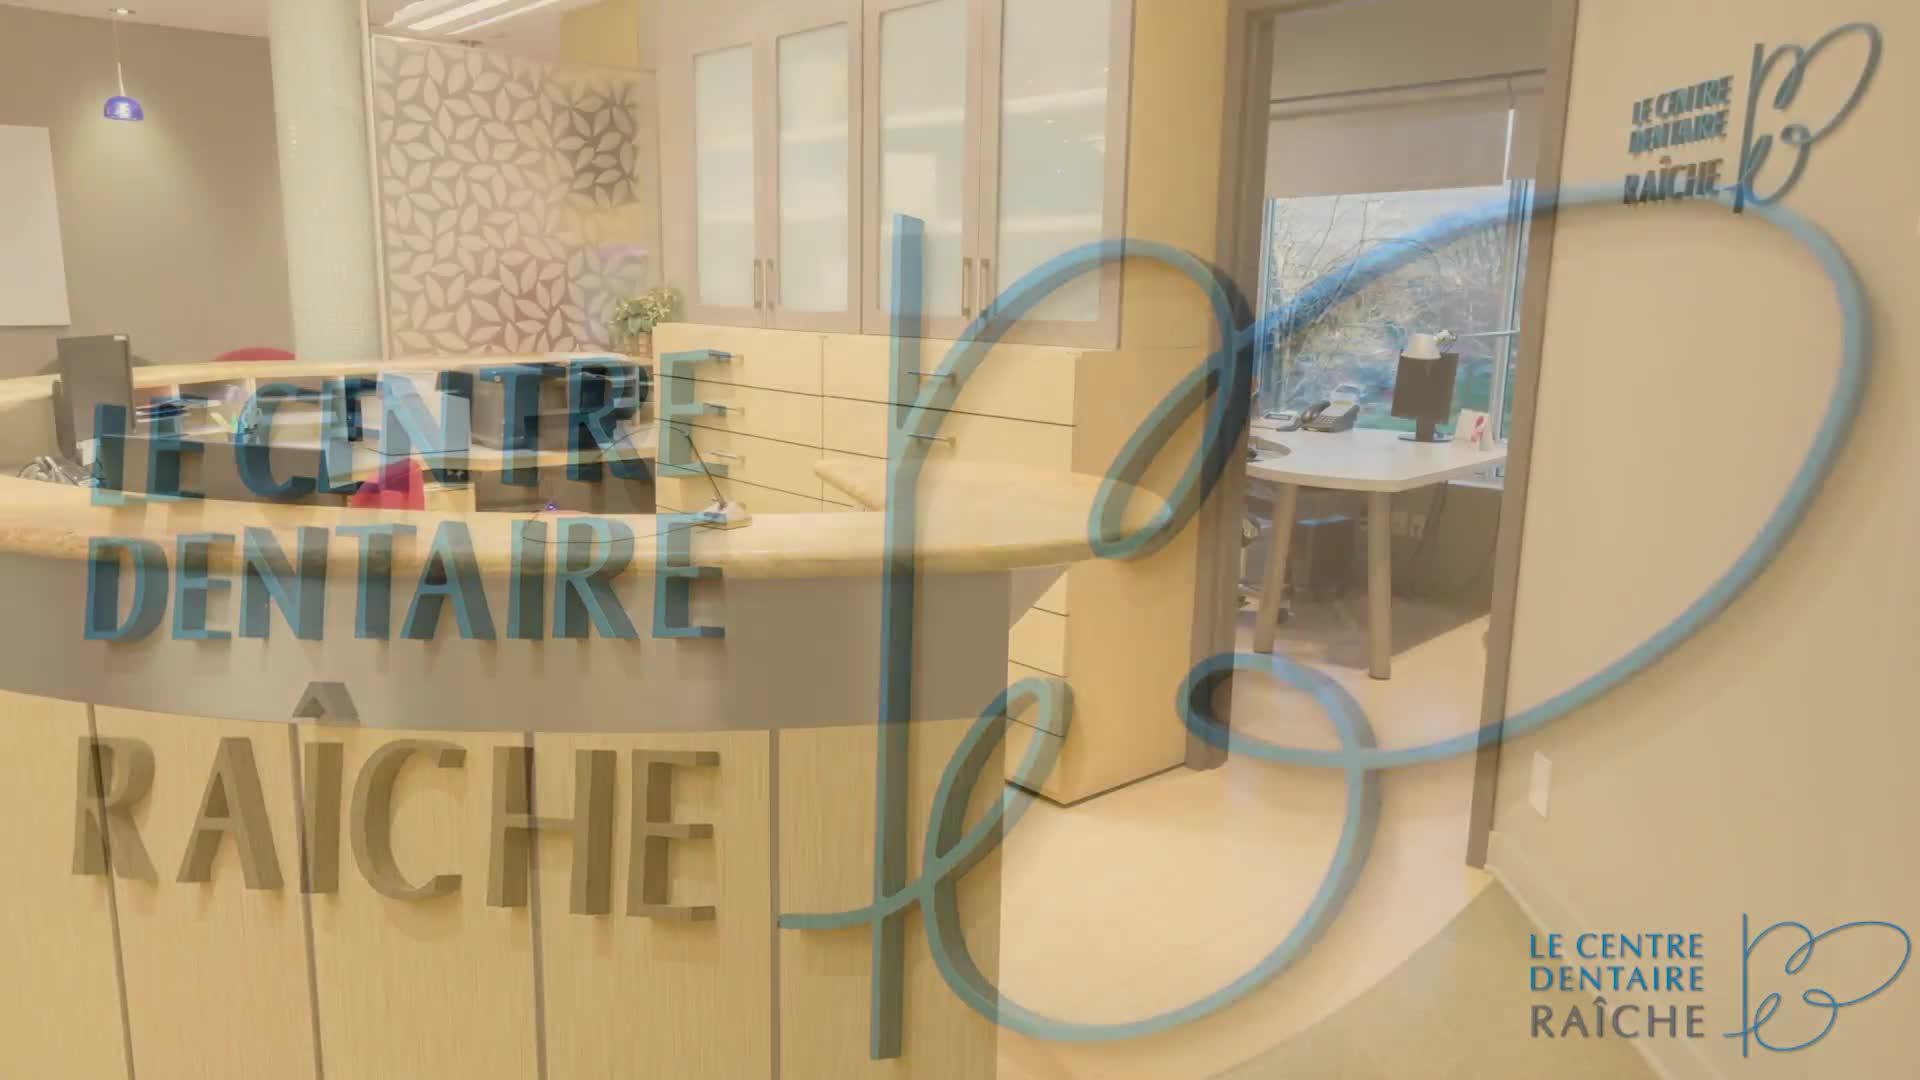 Centre Dentaire Raîche - Traitement de blanchiment des dents - 4504301340